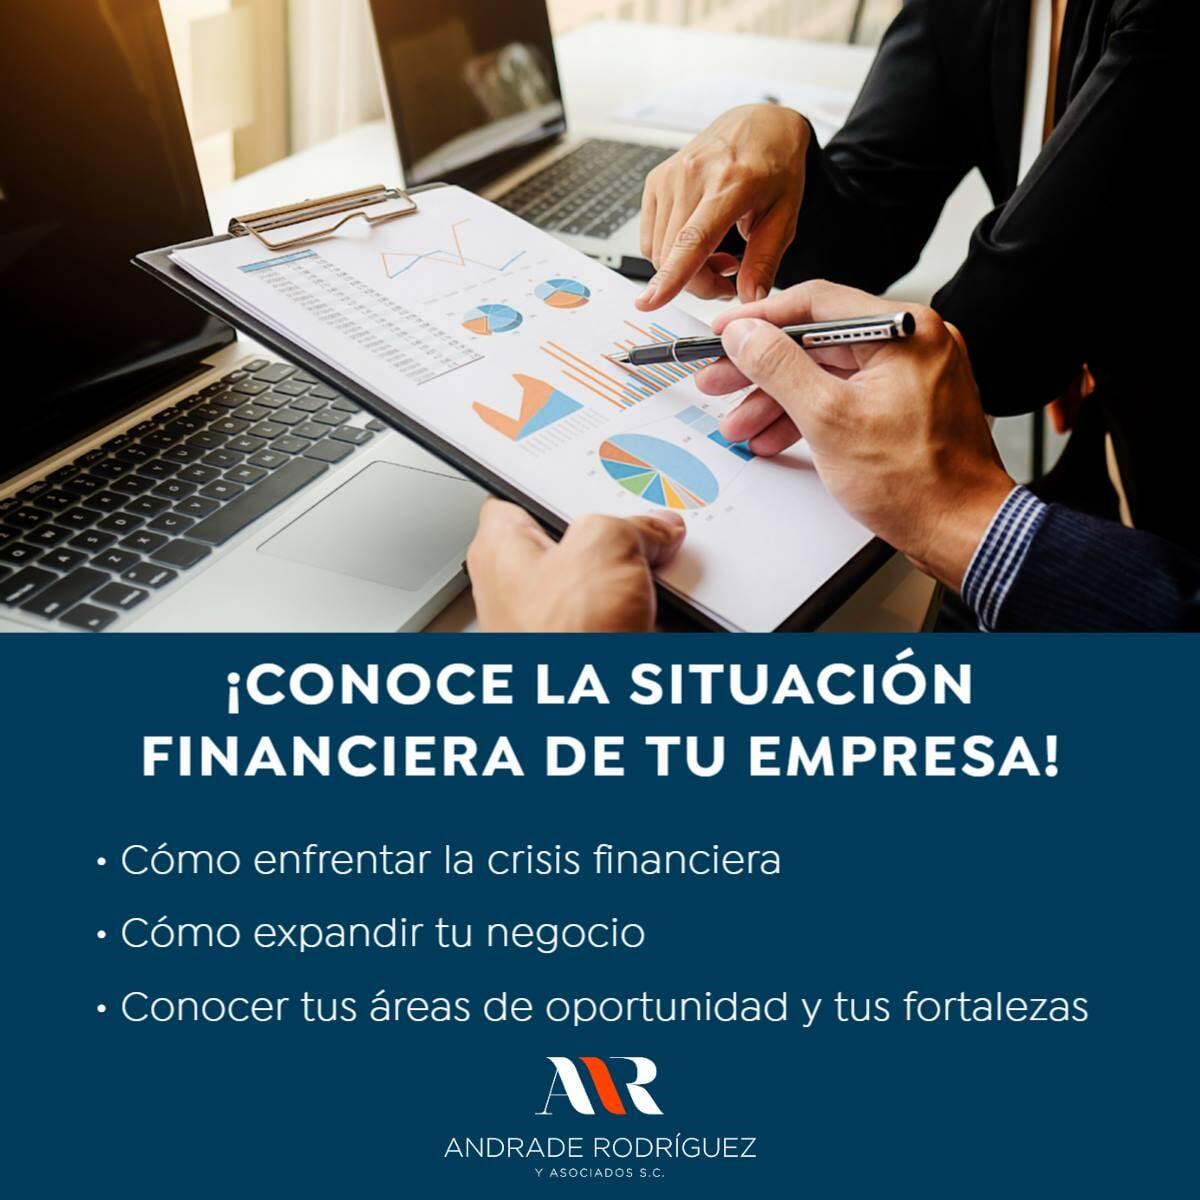 ANDRADE RODRÍGUEZ Y ASOCIADOS - Servicios contables